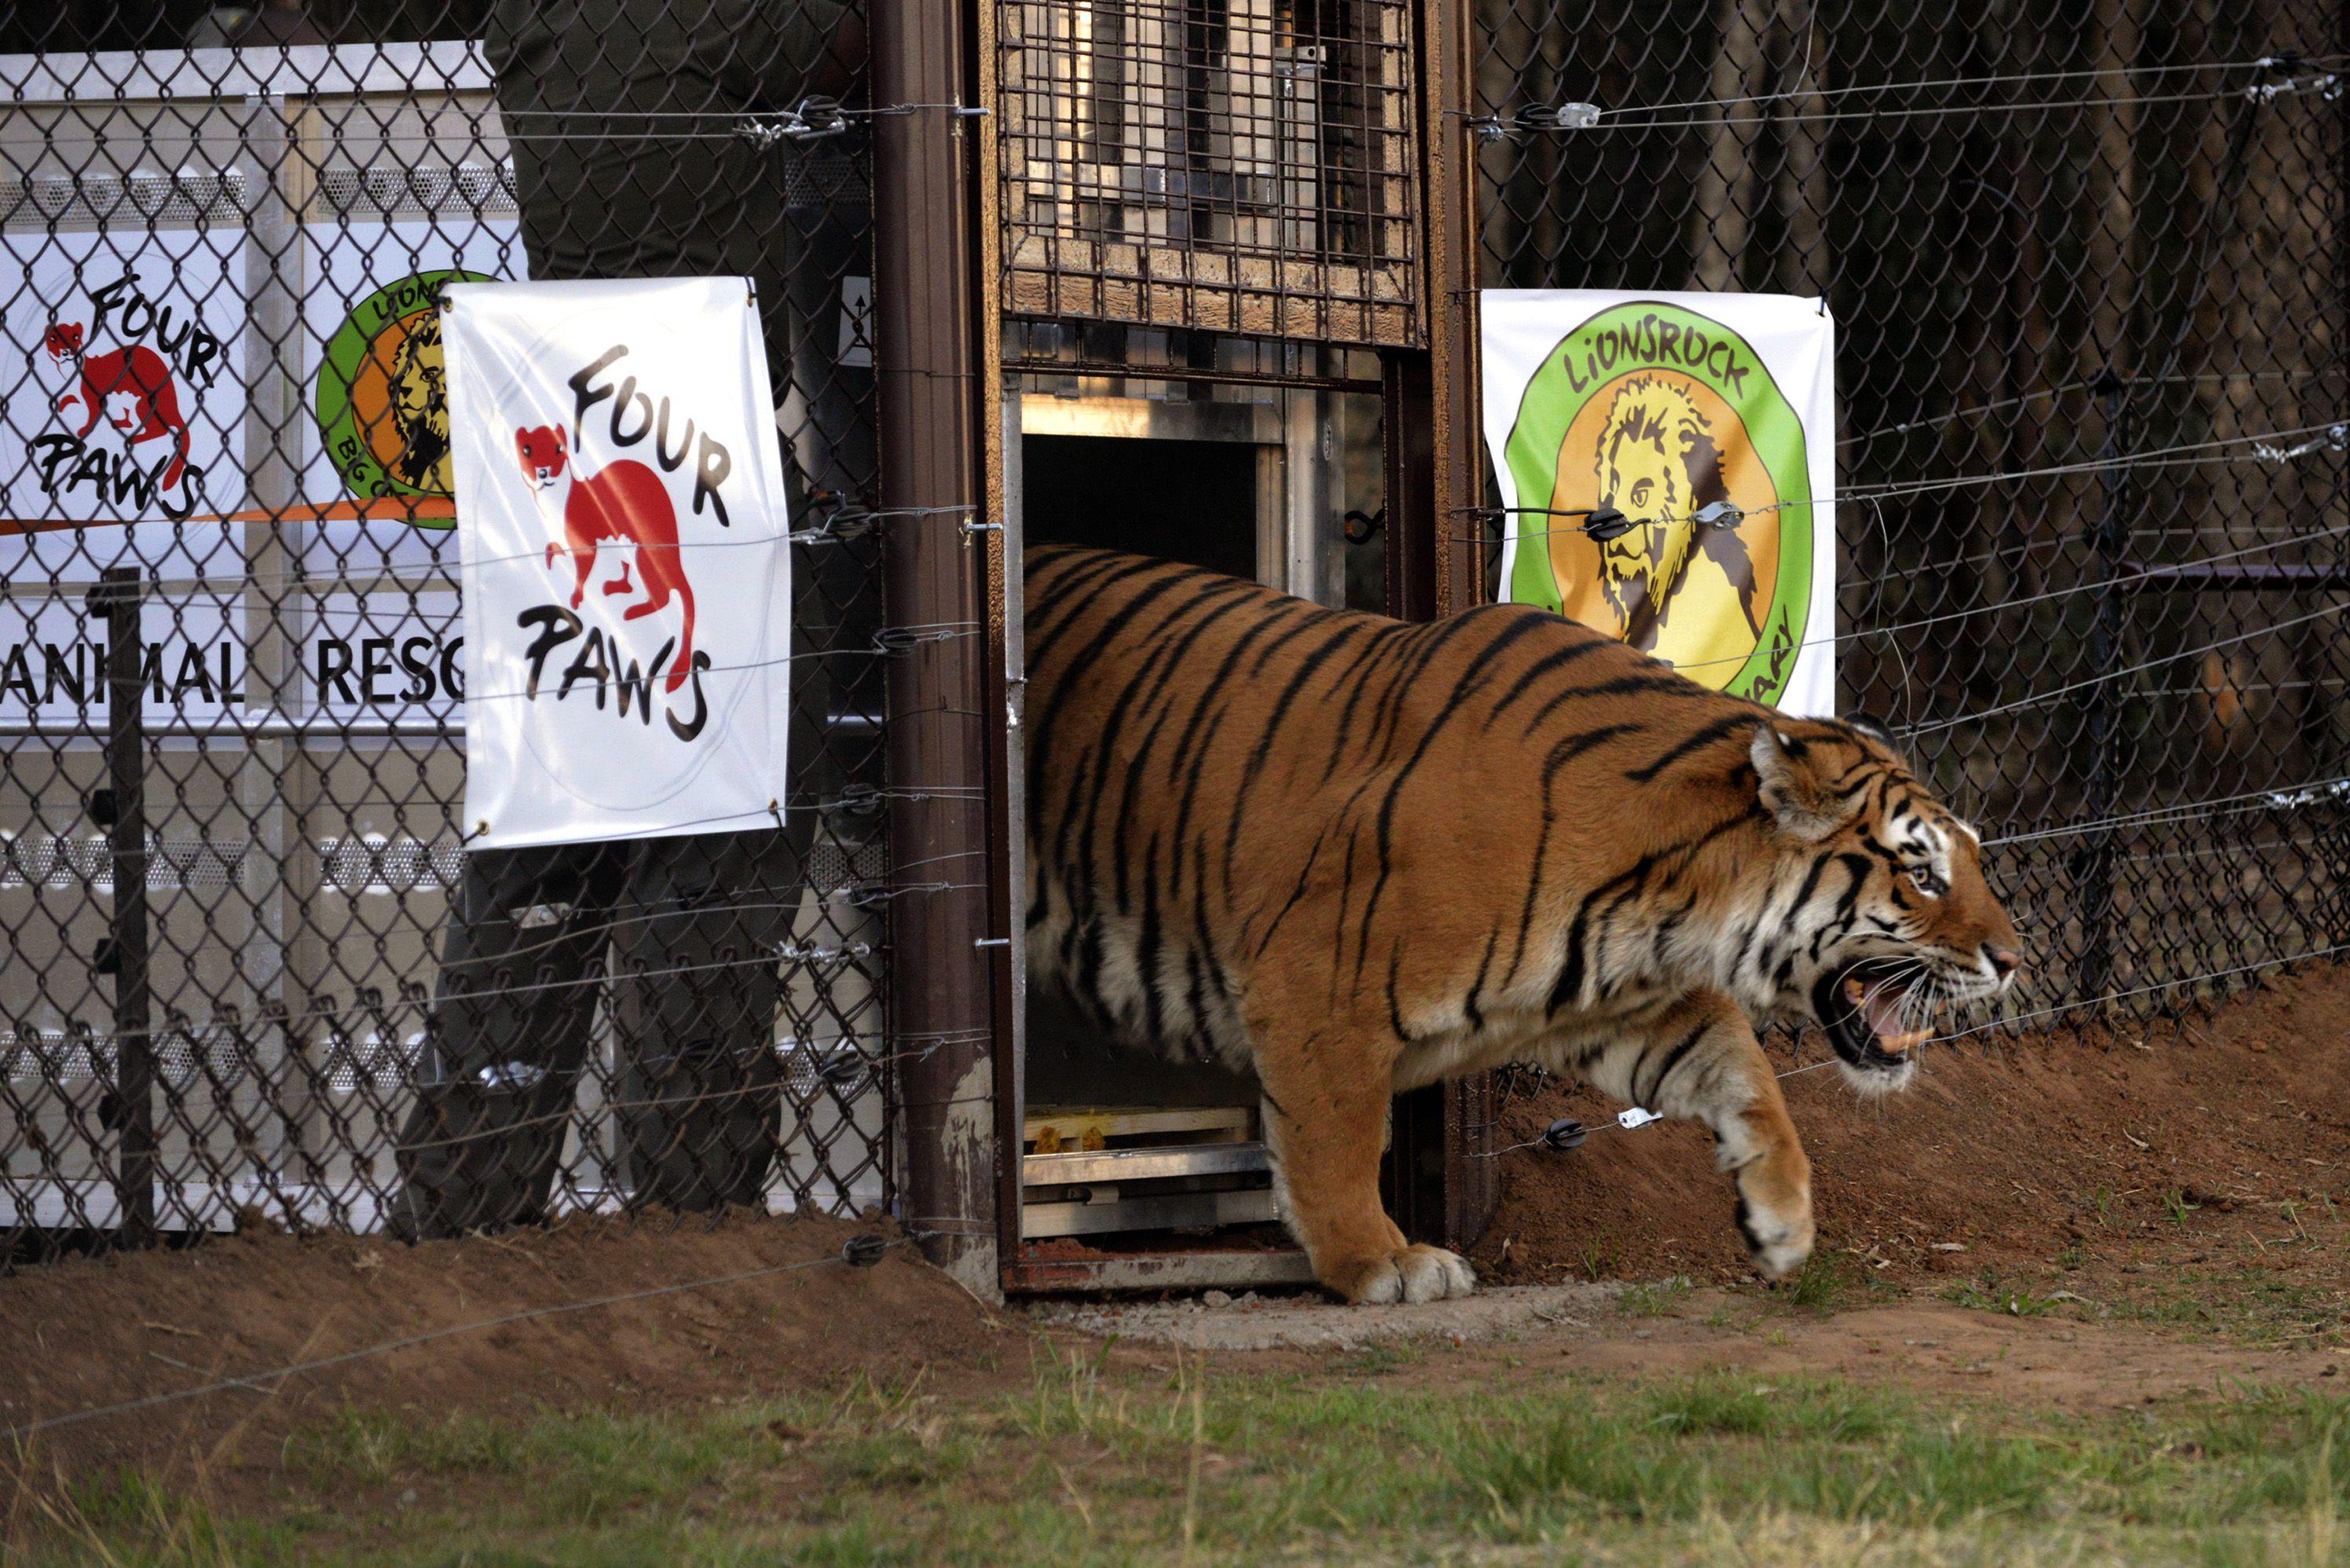 الانشطه الترفيهيه فى حديقة حيوان سريراتشا تايغر تايلاند | سريراتشا تايغر تايلاند